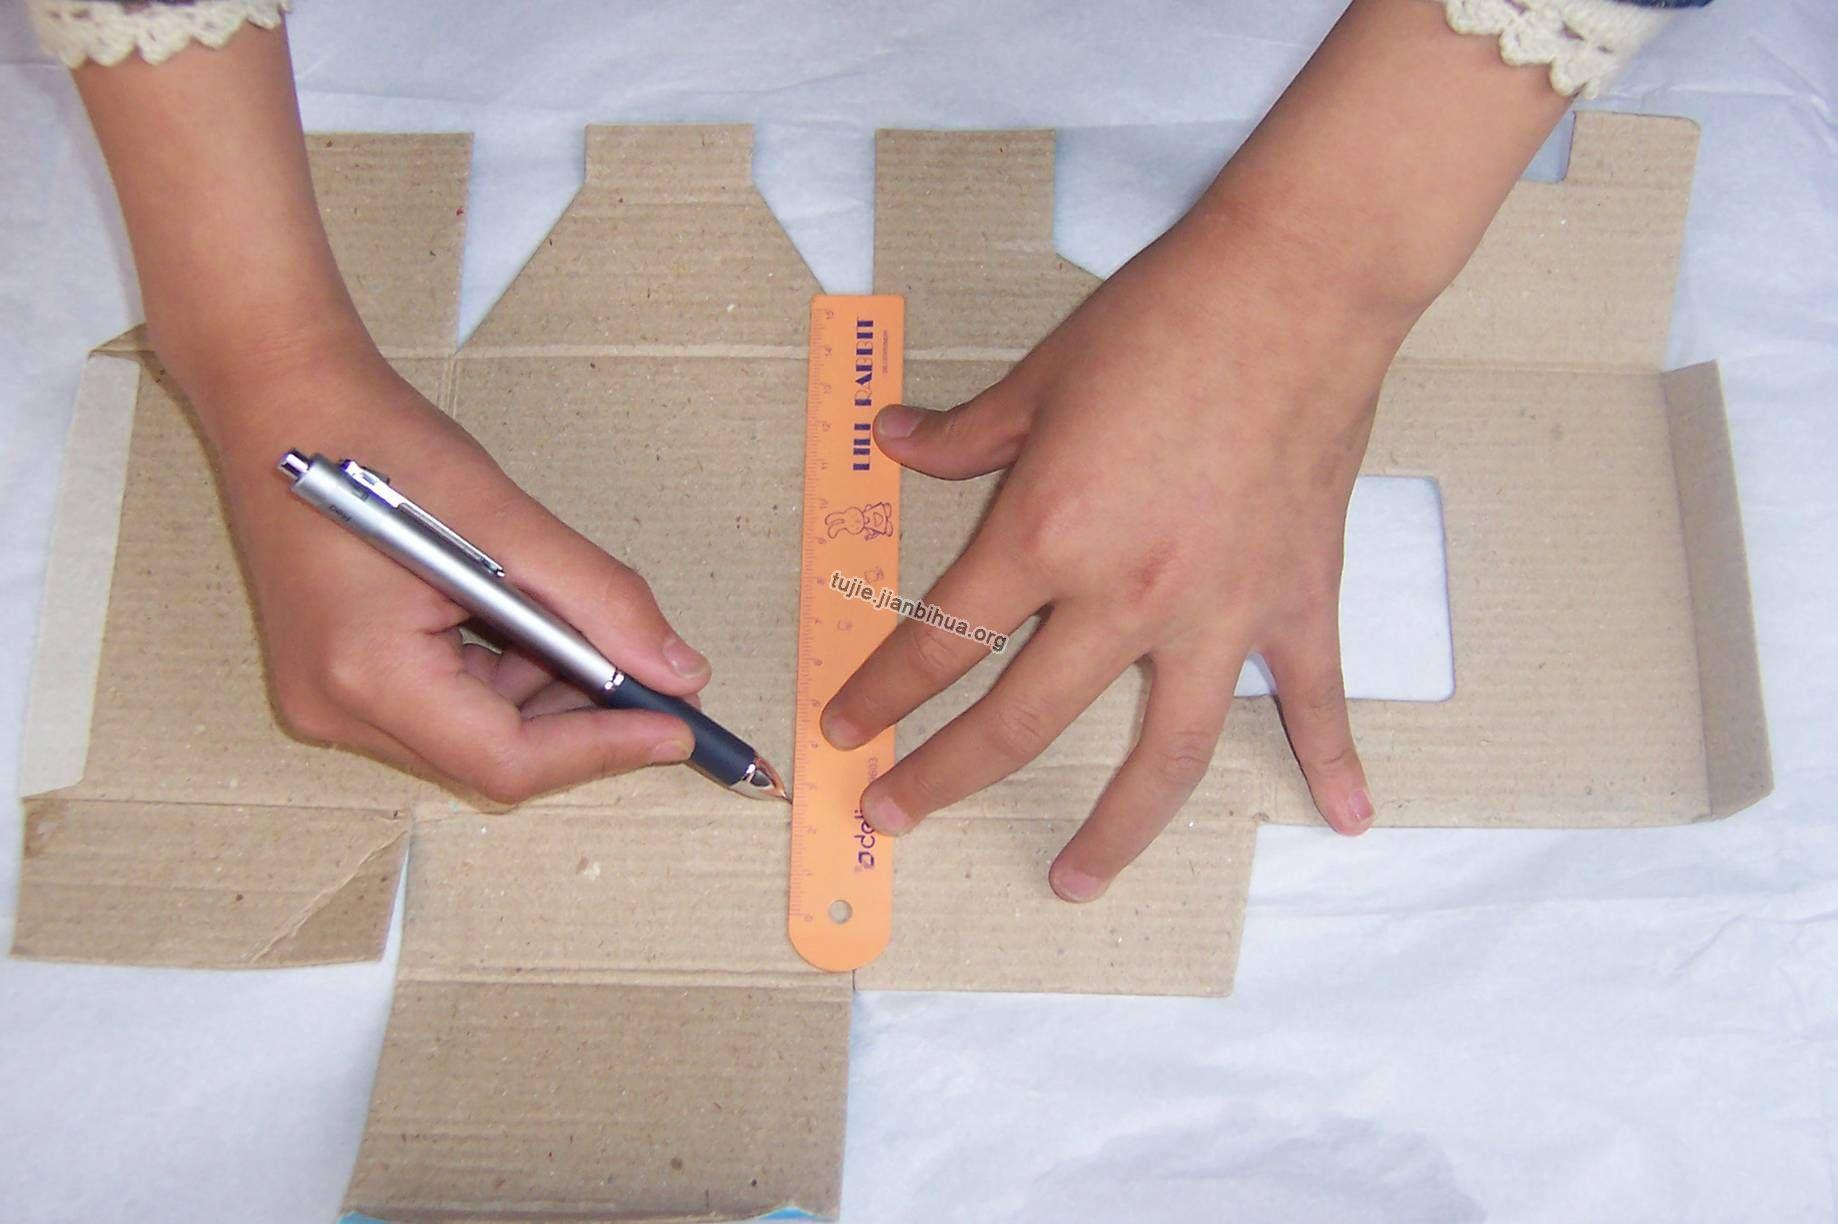 纸灯笼制作方法 用卡纸做灯笼的方法-新年灯笼的手工制作方法 要过年了,自己动手制作一个大气的灯笼挂在家里是不是会更加温馨,有家的感觉呢,下面就教你手... 纸灯笼的折法图解 纸灯笼的折法 用纸杯制作的小灯笼 纸杯做的红灯笼,一起来欣赏一下吧! 灯笼的肚子是用用过的纸杯做的,先把纸杯用水彩笔涂成红色,再把纸.